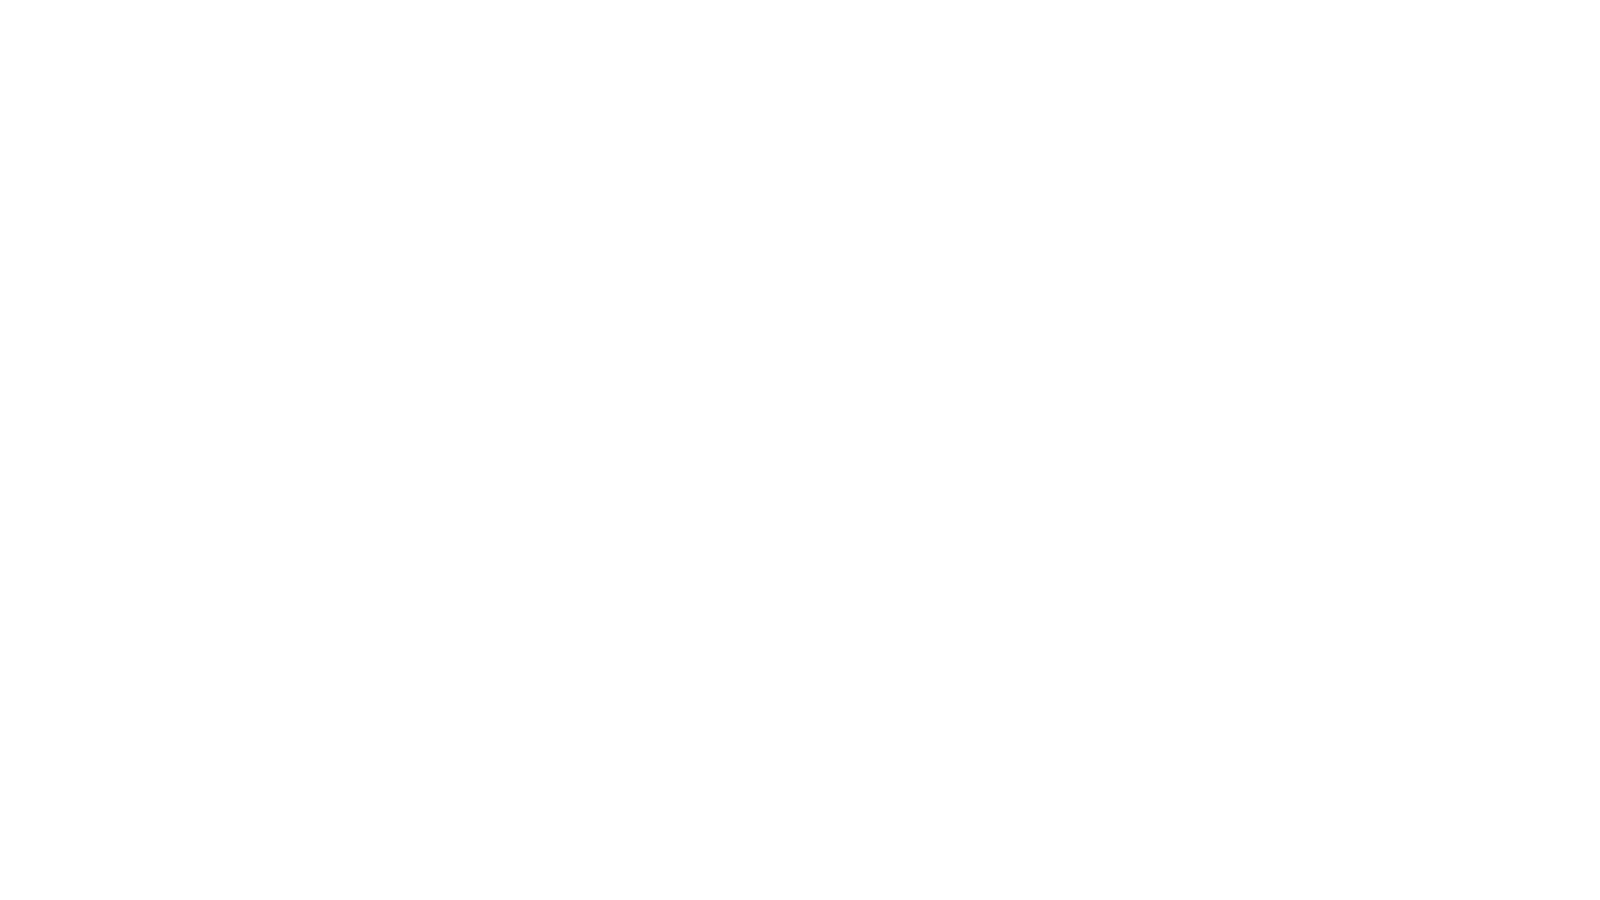 PASANGKAYU- Pemerintah Kabupaten (Pemkab) Pasangkayu, melalui Ketua Tim Penggerak Pemberdayaan dan Kesejahtraan Keluarga (TP PKK) Kabupaten pasangkayu Ibu Hj Aulia Yaumil ADJ dan rombongan, dalam rangka Kunjungan Kerja (Kunker) di Kecamatan Sarjo pada Rabu (23/6/2021).